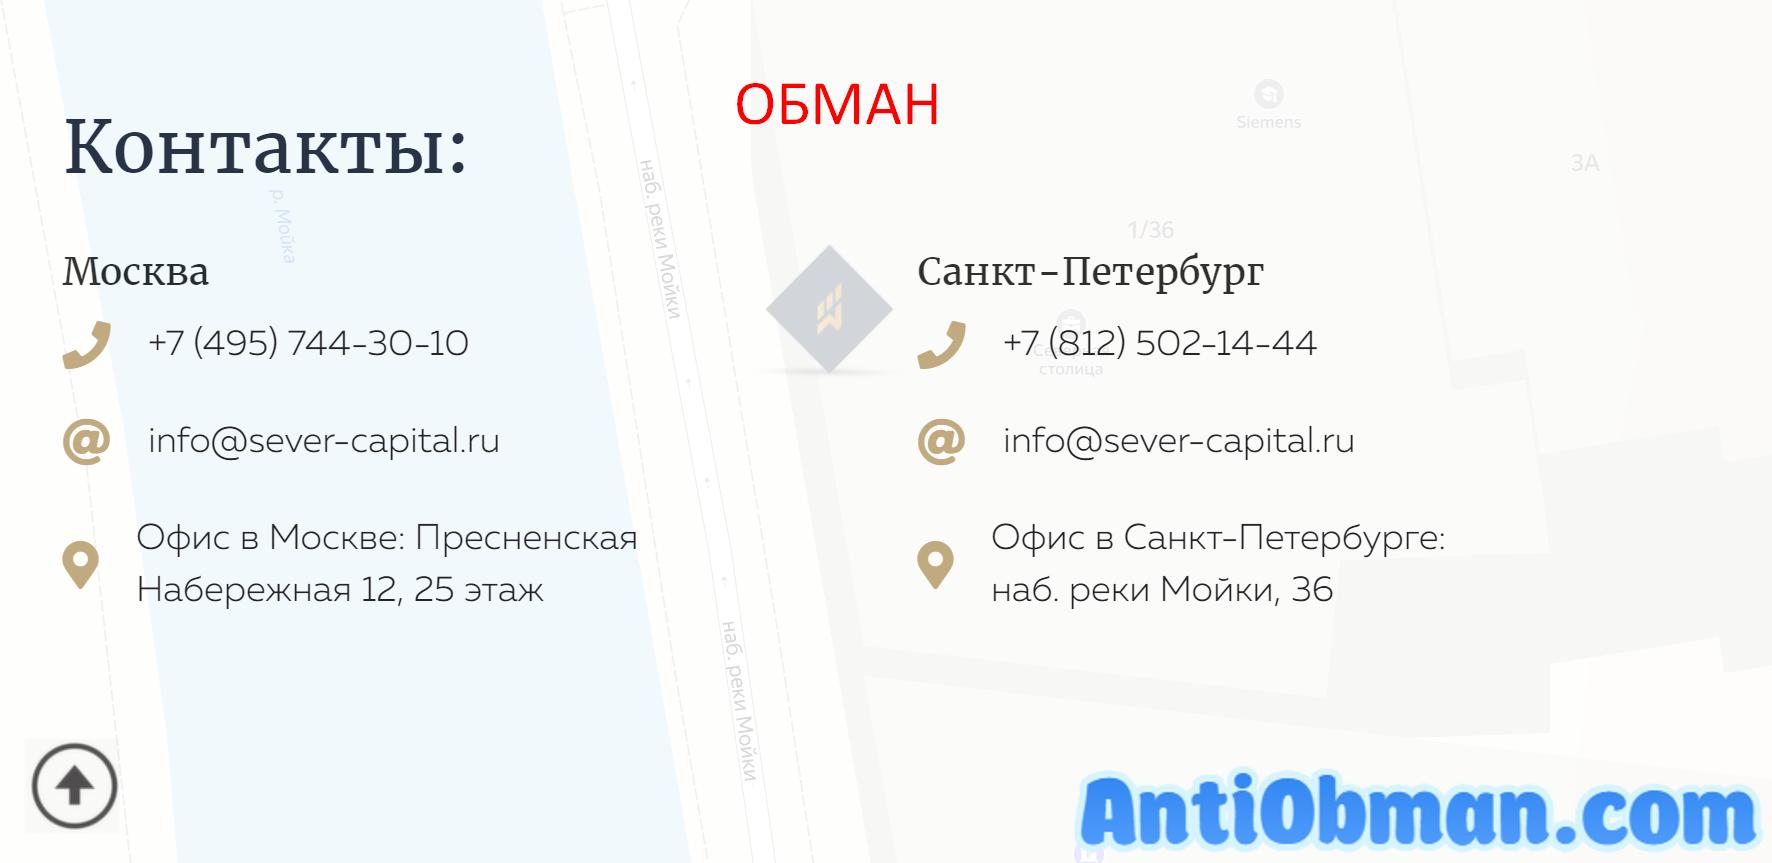 Северный капитал (sever-capital.ru) - отзывы. Честный проект или развод?